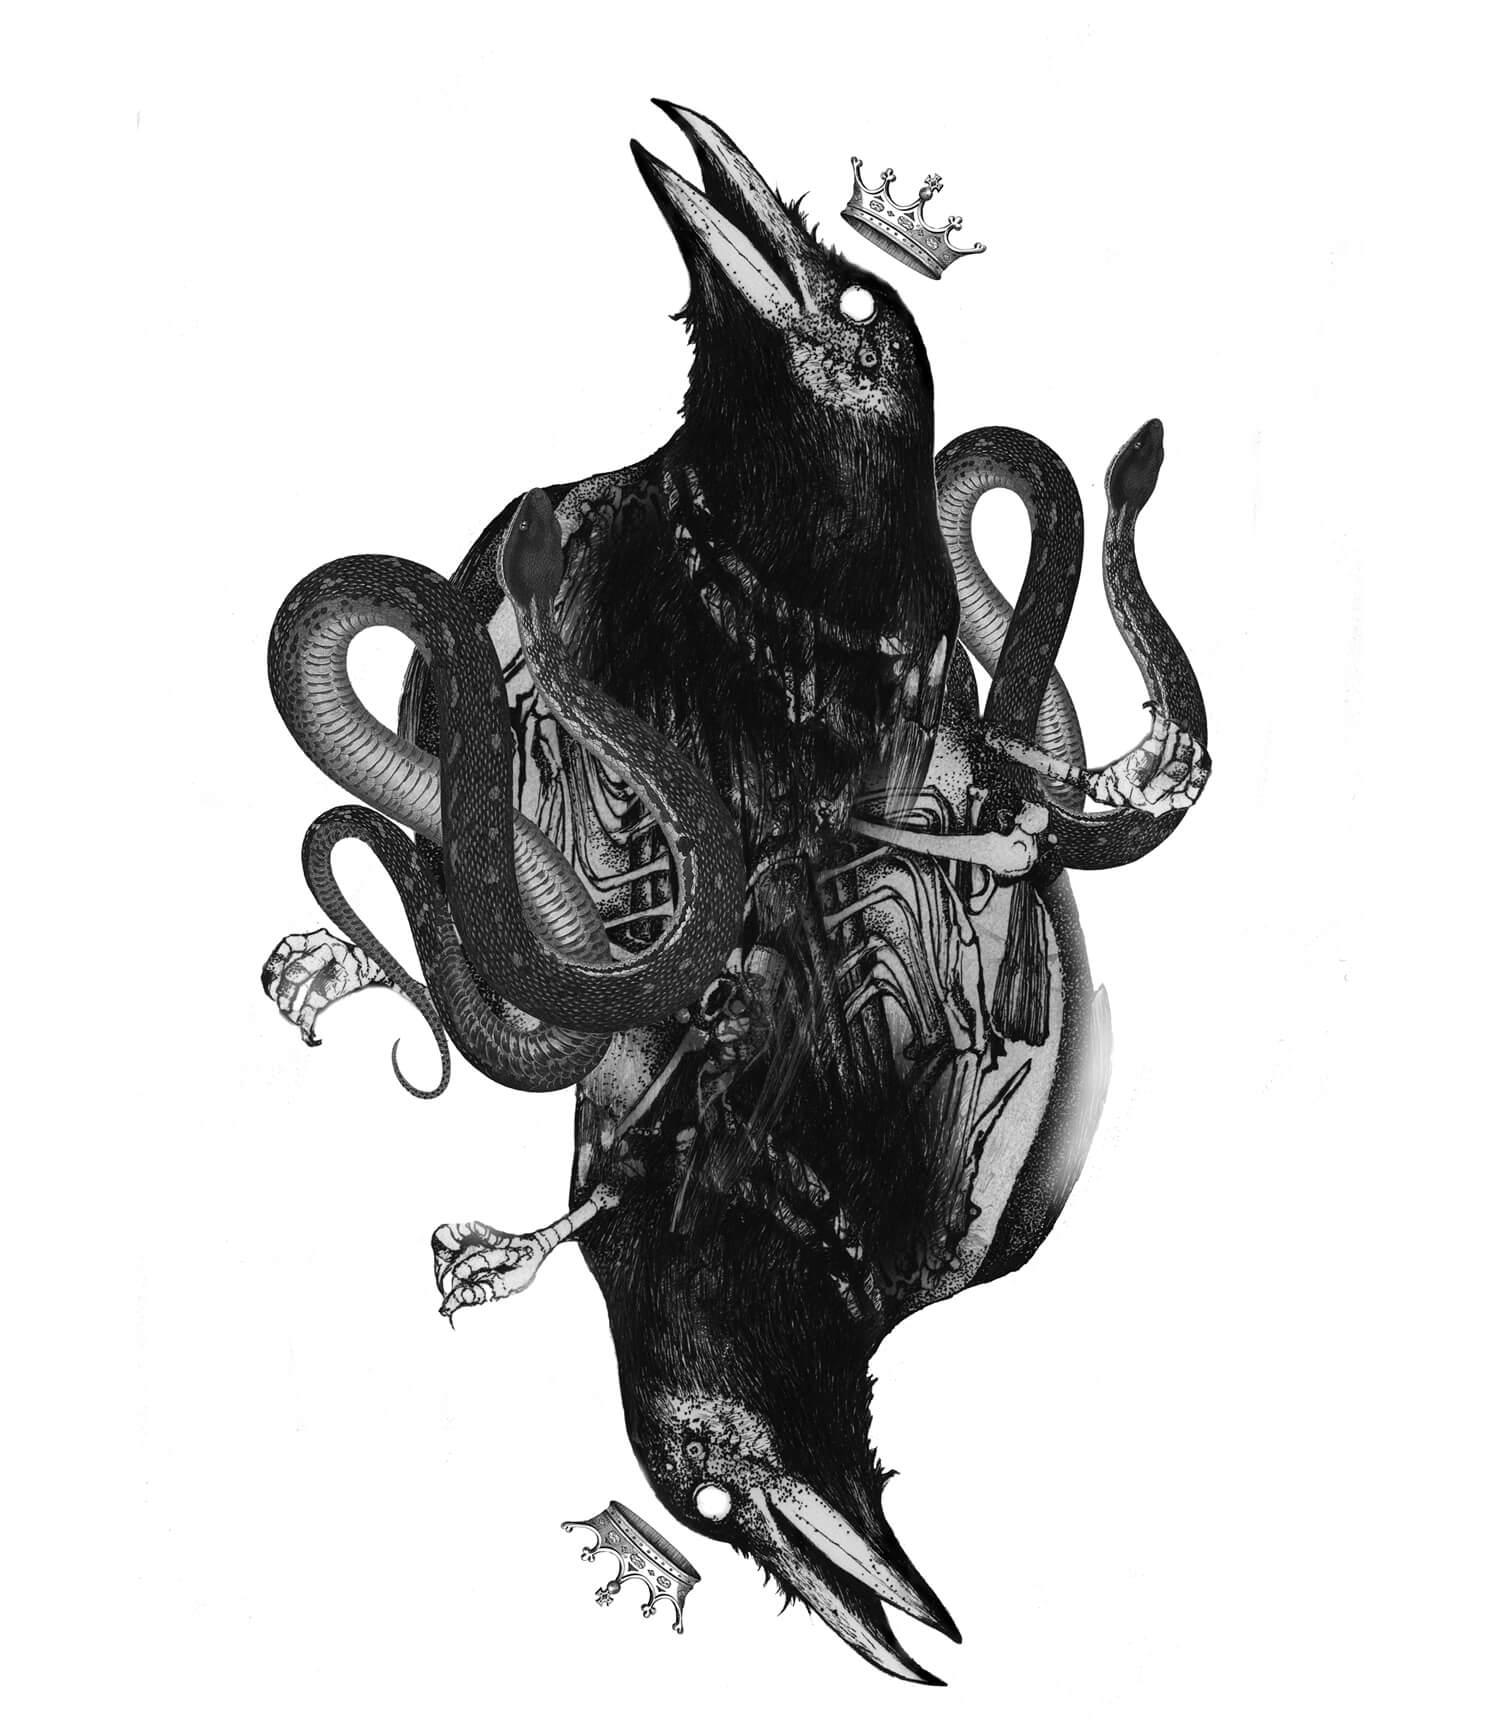 olga_mulica_black_bird__hose_05